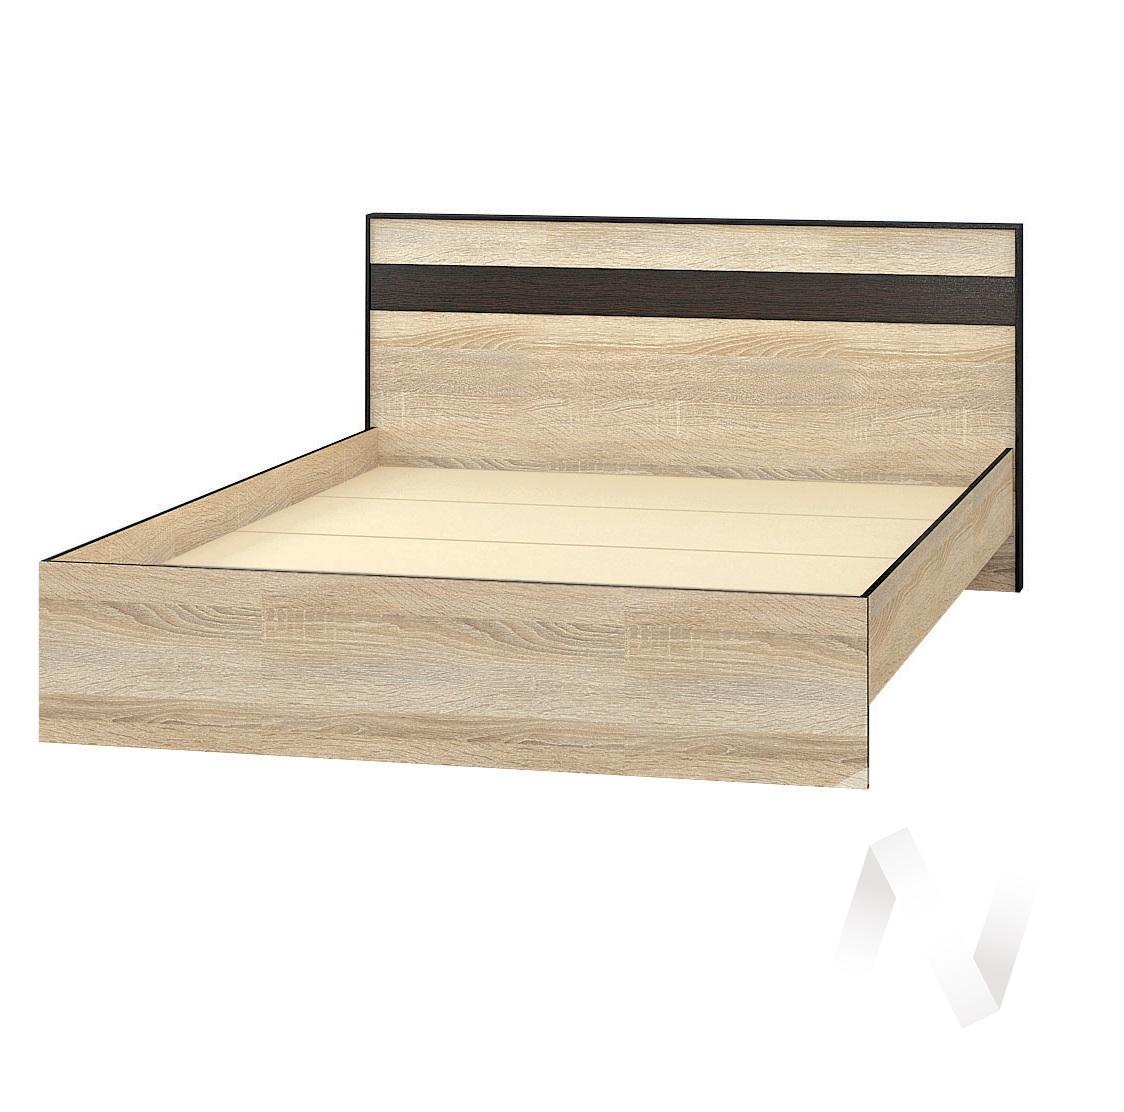 Корпус кровати 1,6м ЛК-2 Спальня Лирика (дуб сонома/венге)